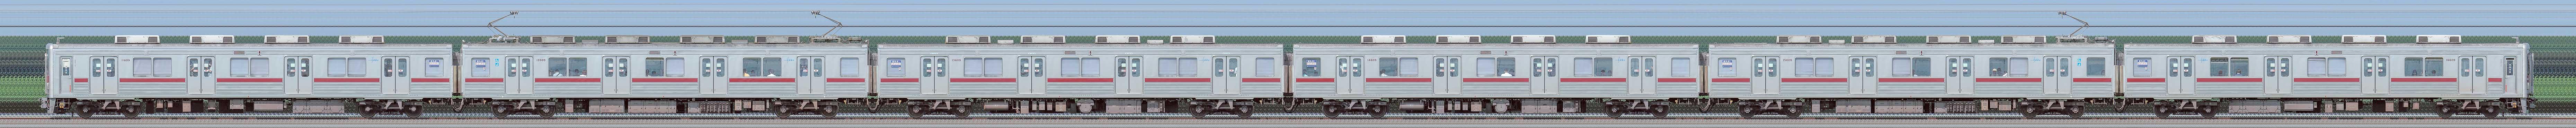 東武10000型11609編成(リニューアル車・海側)の編成サイドビュー